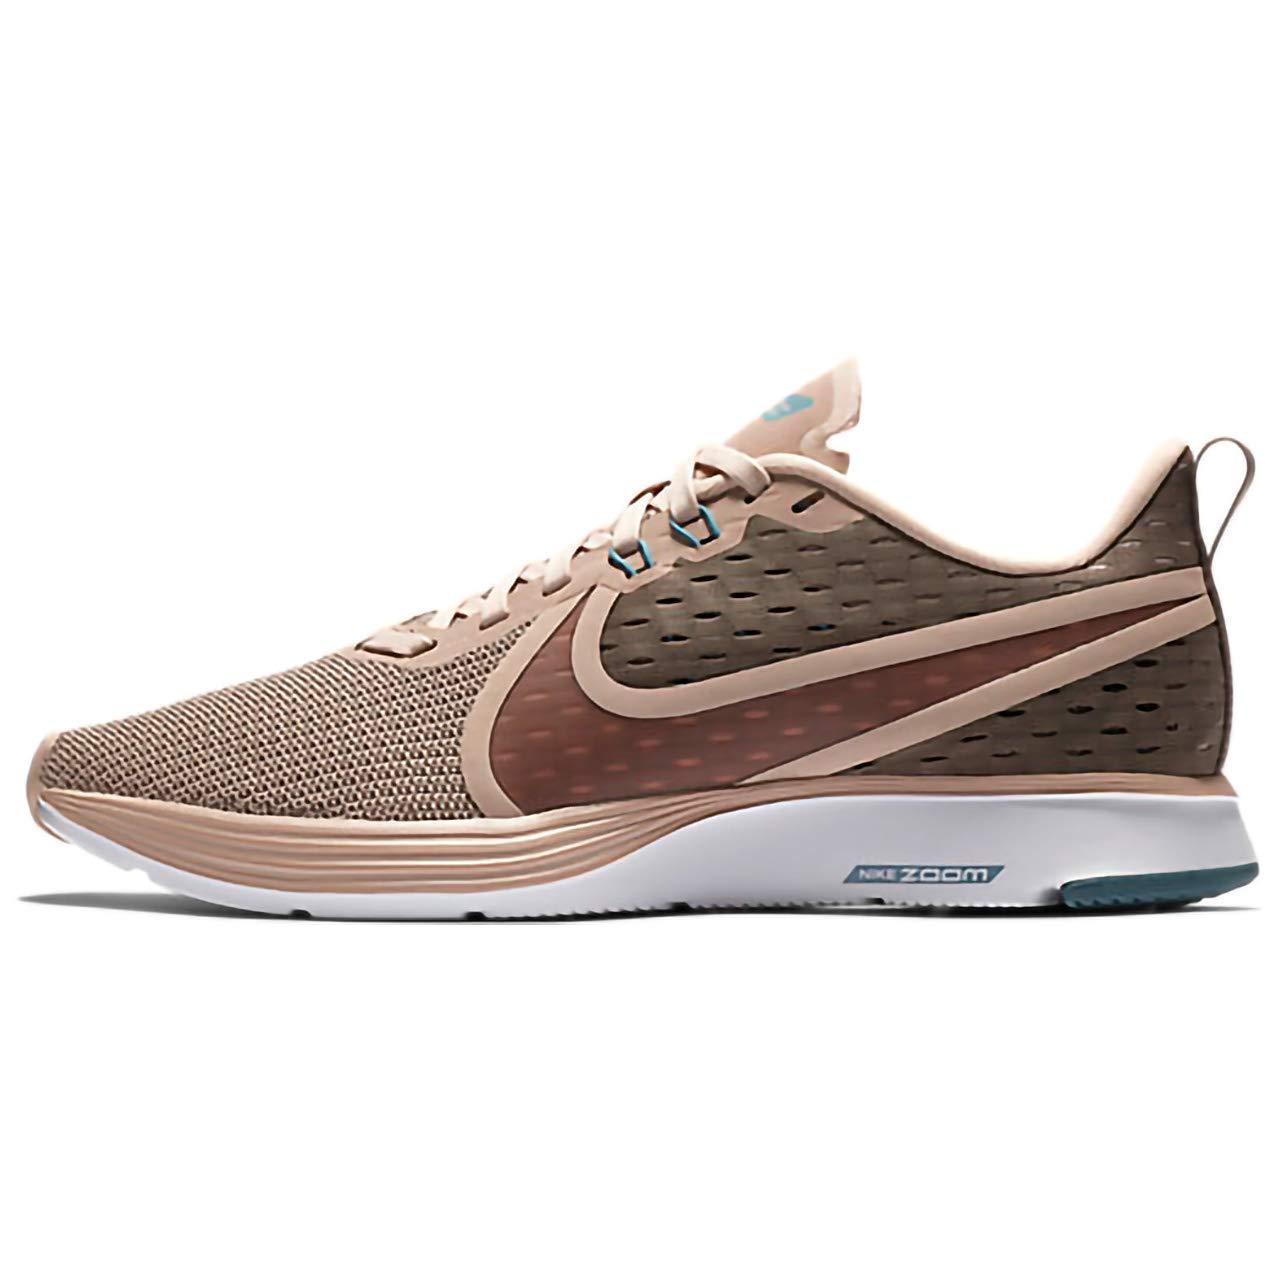 MultiCouleure (Mink marron Particle Beige Celestial Teal 201) Nike WMNS Zoom Strike 2, Chaussures de Running Compétition Femme 43 EU